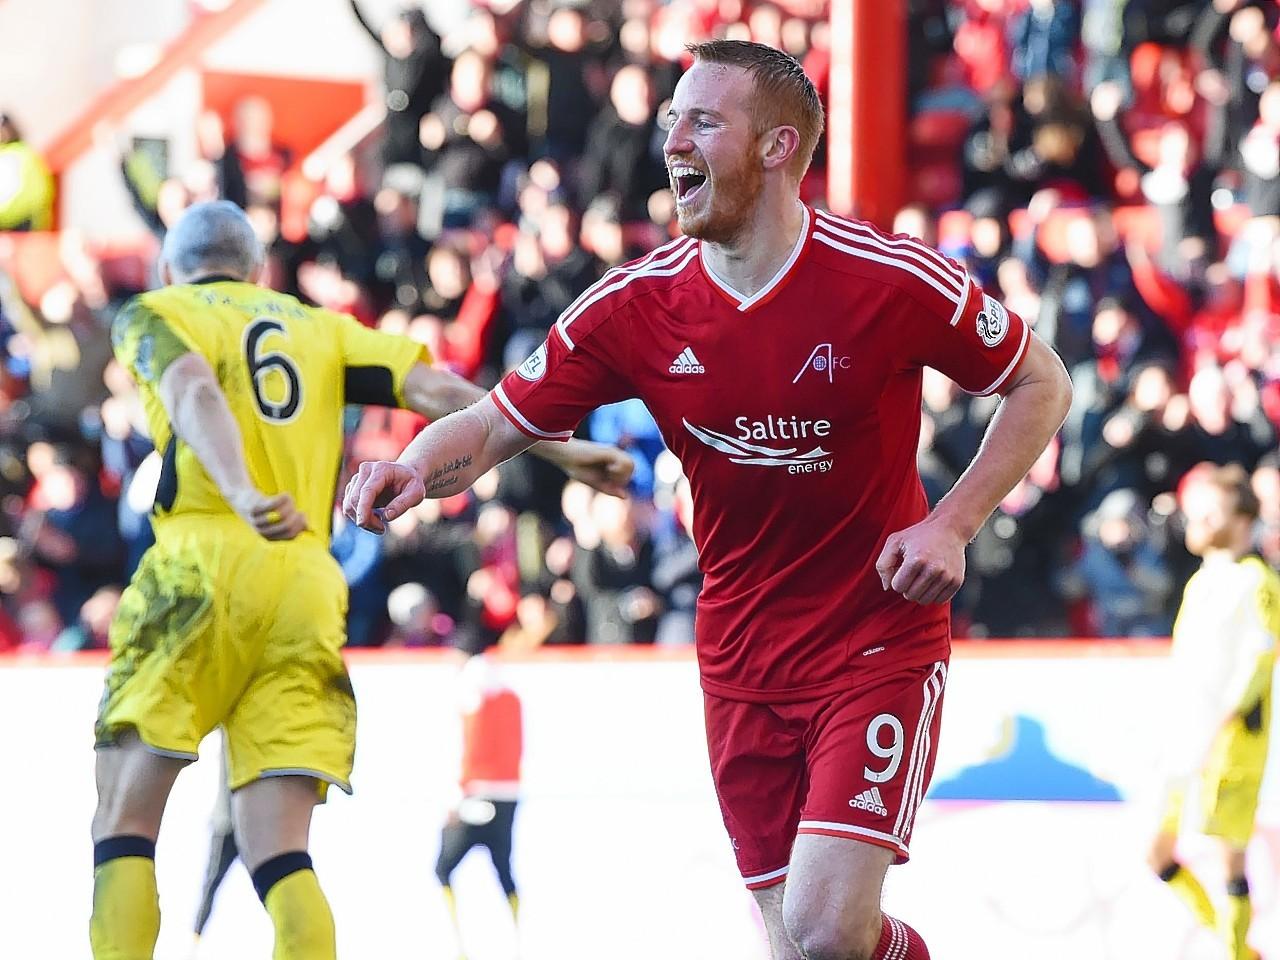 Adam Rooney has scored 23 goals this season